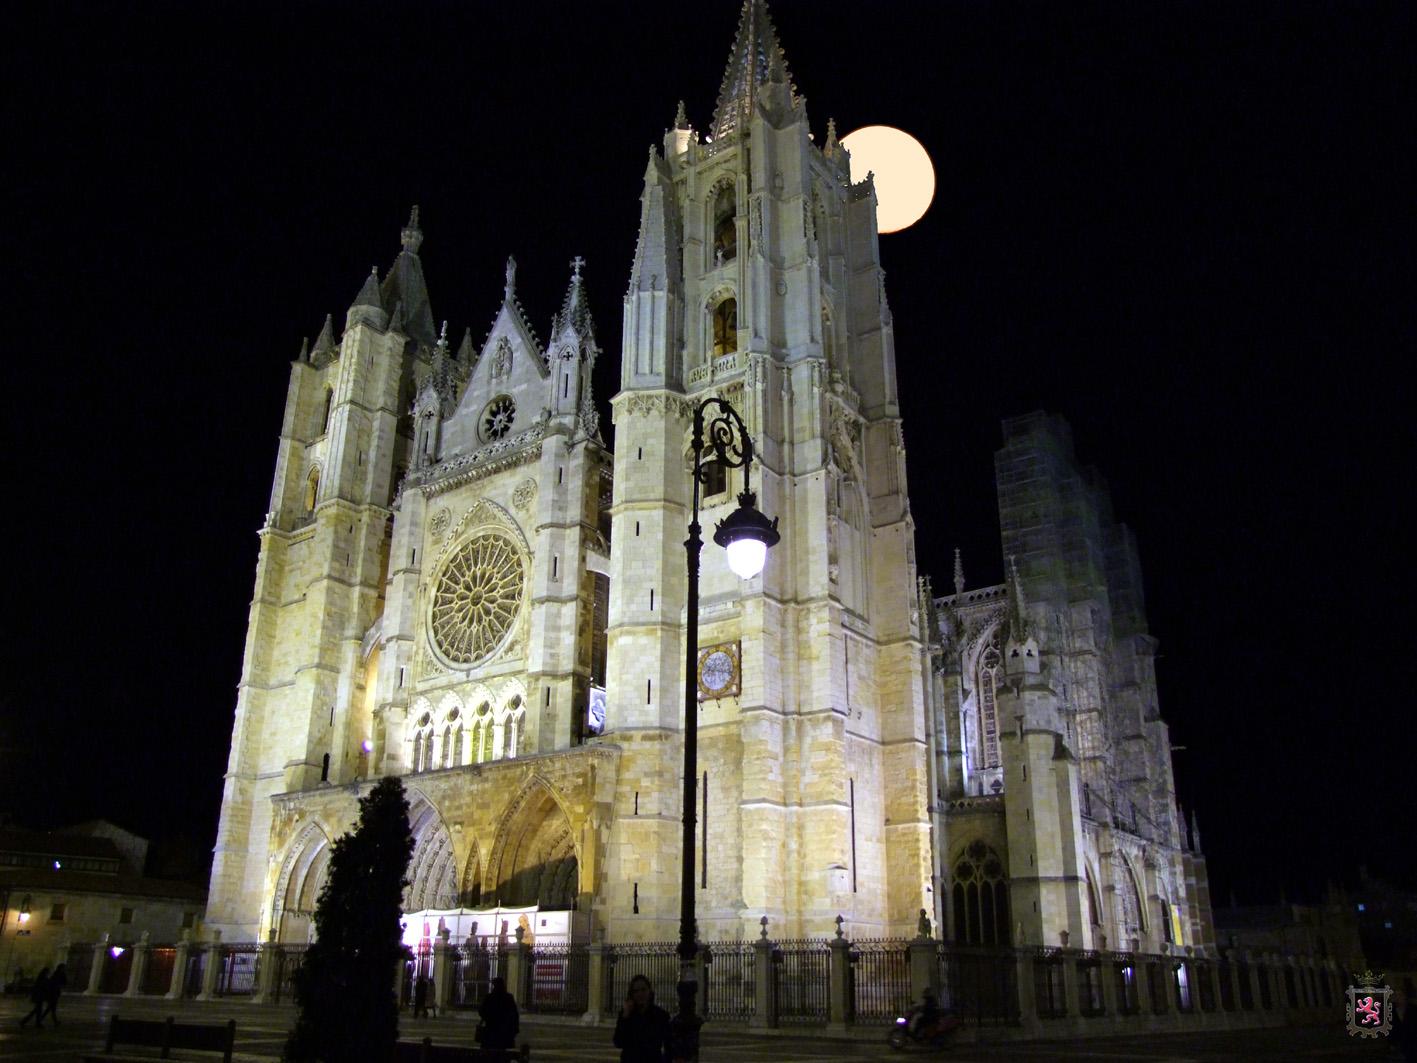 Noche latín pecho grande en Huelva